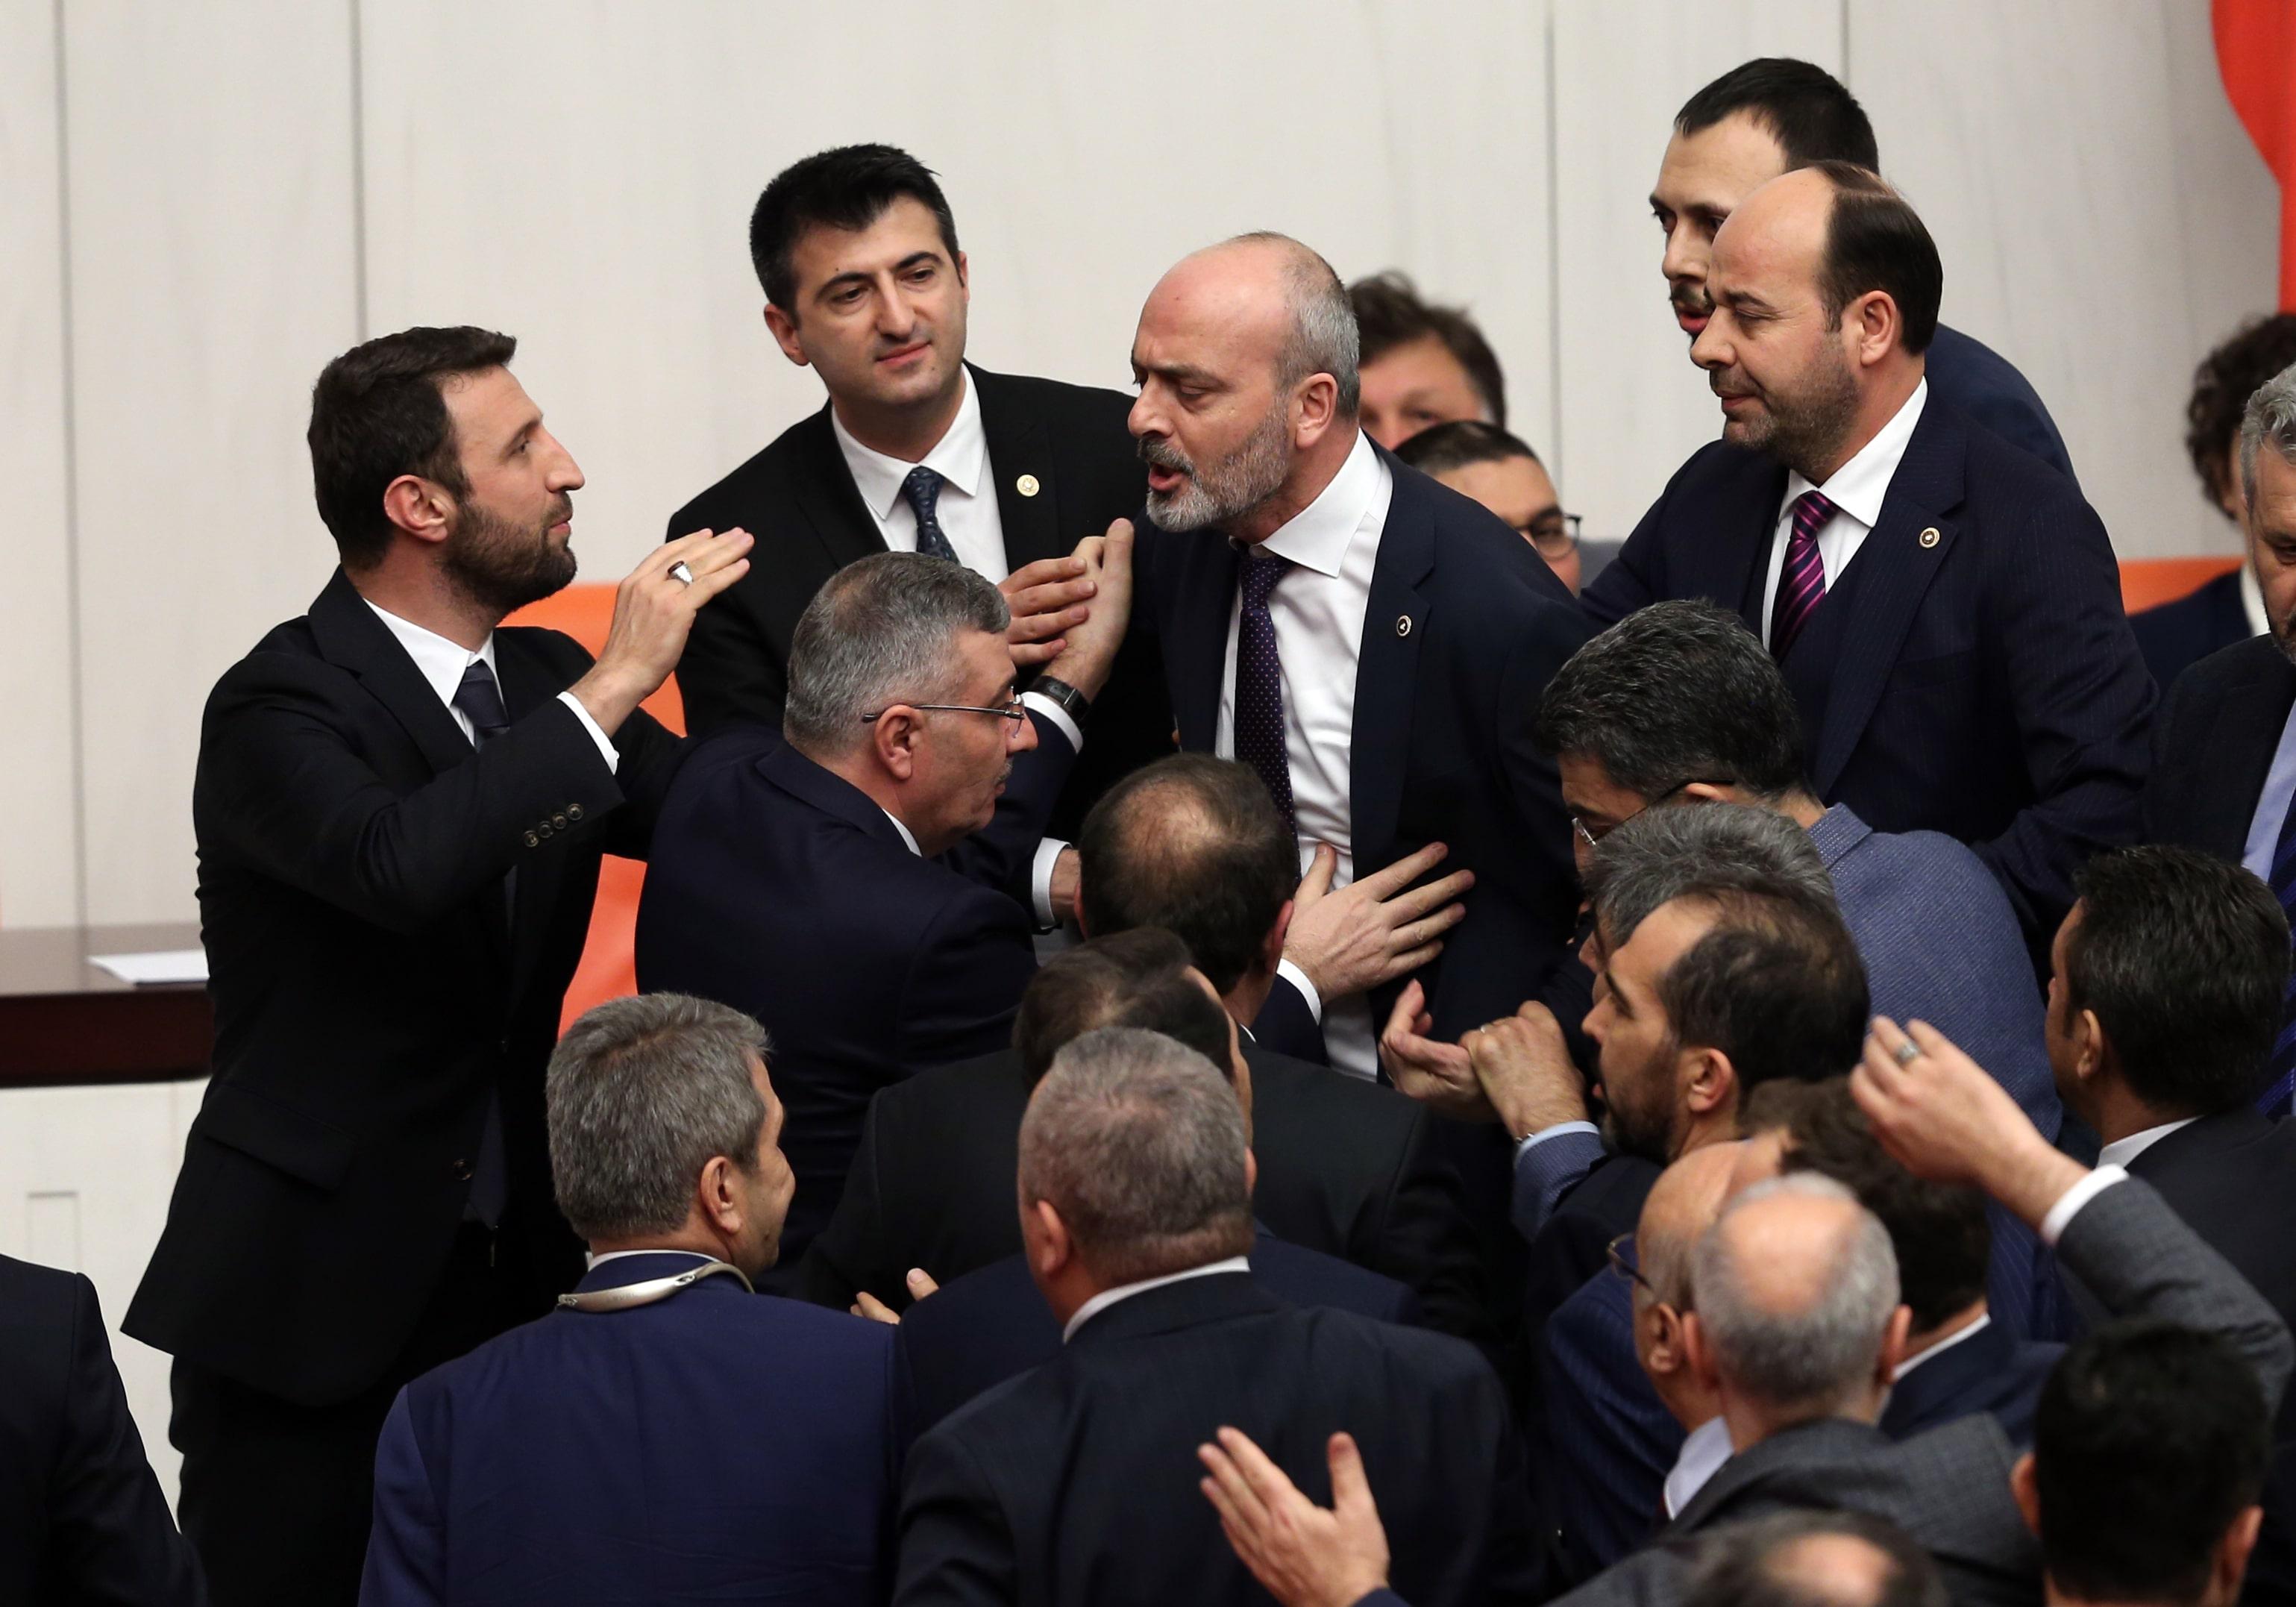 Meclis karıştı! Vekiller birbirinin üzerine yürüdü